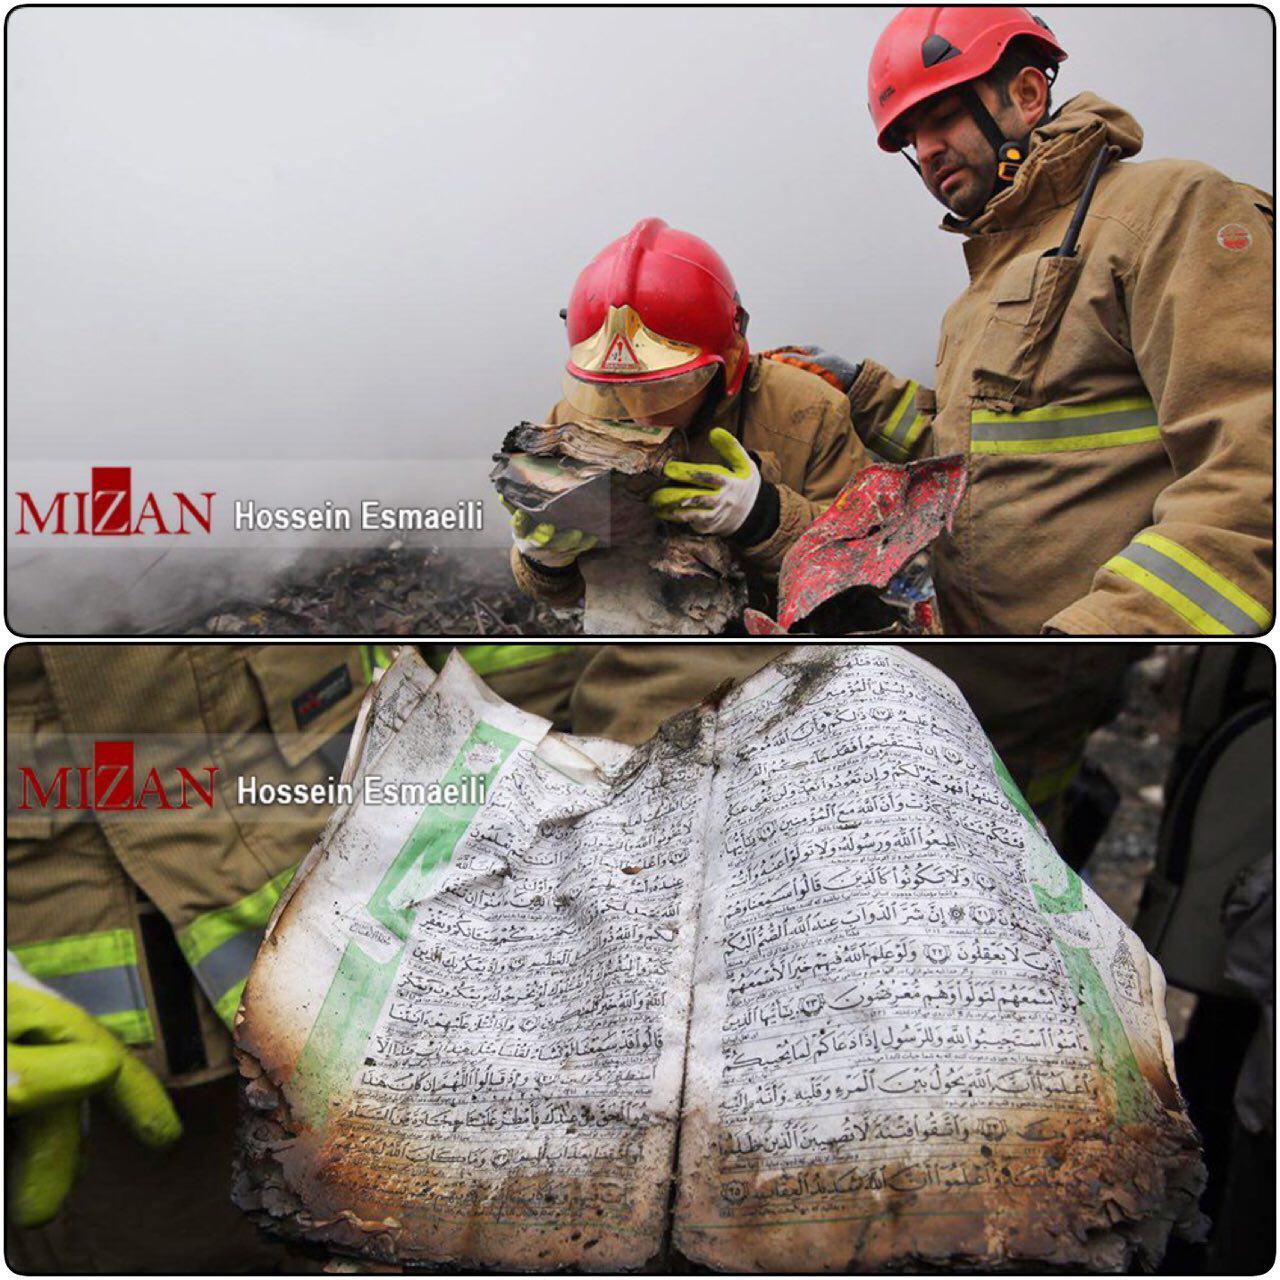 عکس/ بوسه بر قرآن پیداشده در آتش پلاسکو